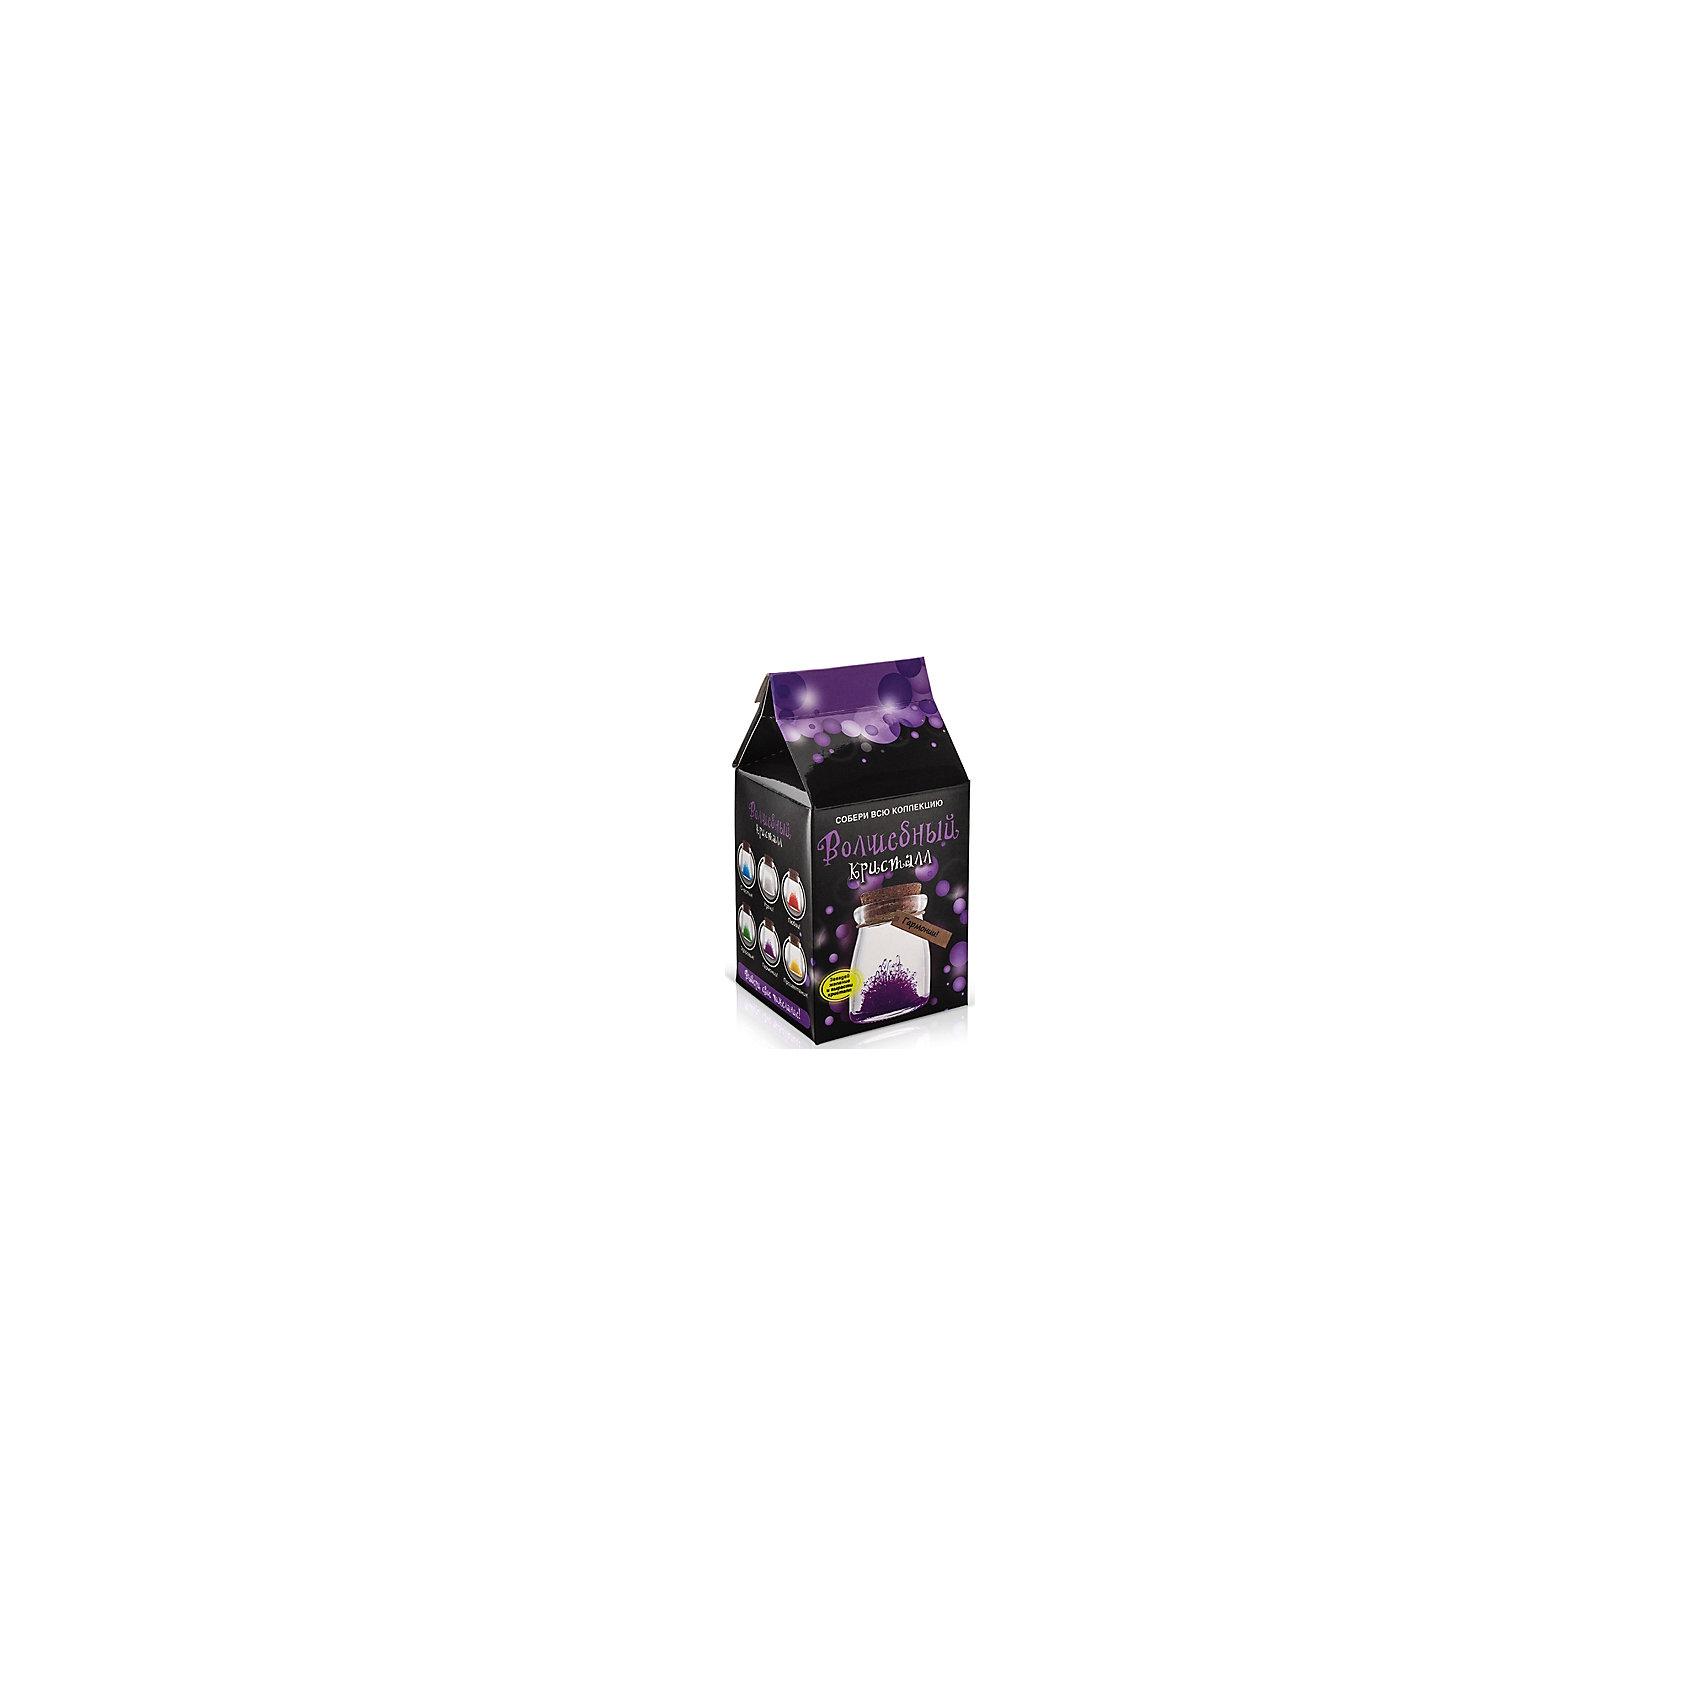 Набор для выращивания кристаллов Кристалл с пожеланием Гармонии БумбарамКристалл с пожеланием Гармонии, Бумбарам.<br><br>Характеристики:<br><br>• кристалл в красивой подарочной упаковке<br>• этикетка с пожеланием<br>• легко создать<br>• безопасные материалы<br>• пошаговая инструкция<br>• в наборе: баночка, кристаллический порошок, кристаллическая таблетка, палочка, веревочка, пробка, карточка, инструкция<br>• размер упаковки: 15х8 см<br>• вес: 250 грамм<br>• цвет: фиолетовый<br><br>Хотите создать оригинальный подарок своими руками? Кристалл с пожеланием Гармонии отлично справится с этой задачей. Этот набор безопасен и очень прост в использовании. Всыпьте порошок в баночку, добавьте воды, тщательно перемешайте и опустите в готовый раствор таблетку. Через 14 часов можно открыть крышку и уже через некоторое время прекрасная композиция будет готова. Вам останется только закрыть крышку и прикрепить веревочку с карточкой. Химический опыт закончен - прекрасный подарок готов!<br><br>Кристалл с пожеланием Гармонии, Бумбарам вы можете купить в нашем интернет-магазине.<br><br>Ширина мм: 75<br>Глубина мм: 75<br>Высота мм: 150<br>Вес г: 250<br>Возраст от месяцев: 168<br>Возраст до месяцев: 240<br>Пол: Унисекс<br>Возраст: Детский<br>SKU: 5053942